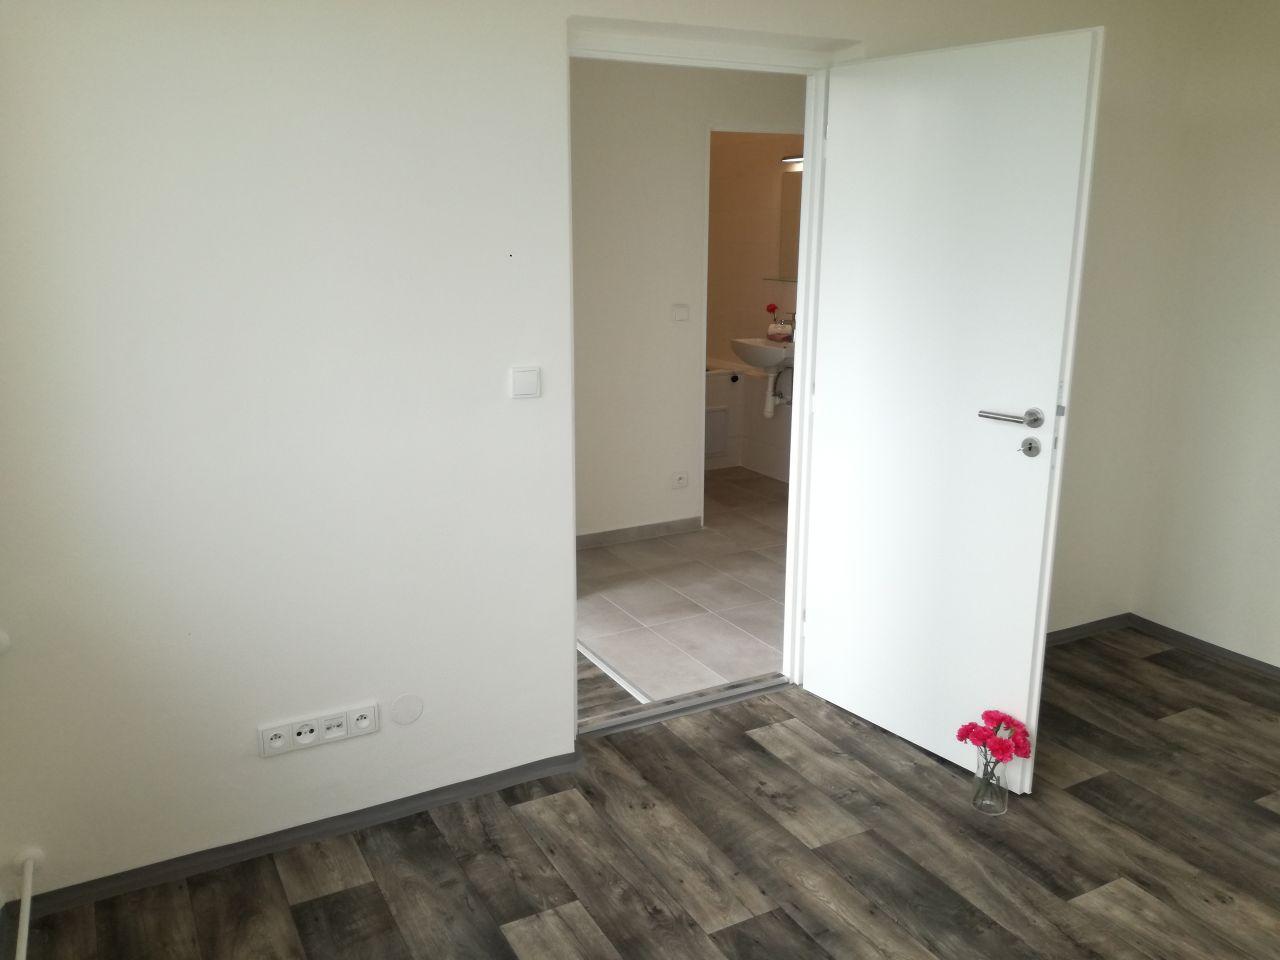 Pronájem bytu 1+1 27 m2, ul. 29. Dubna 249/13, Ostrava -Výškovice